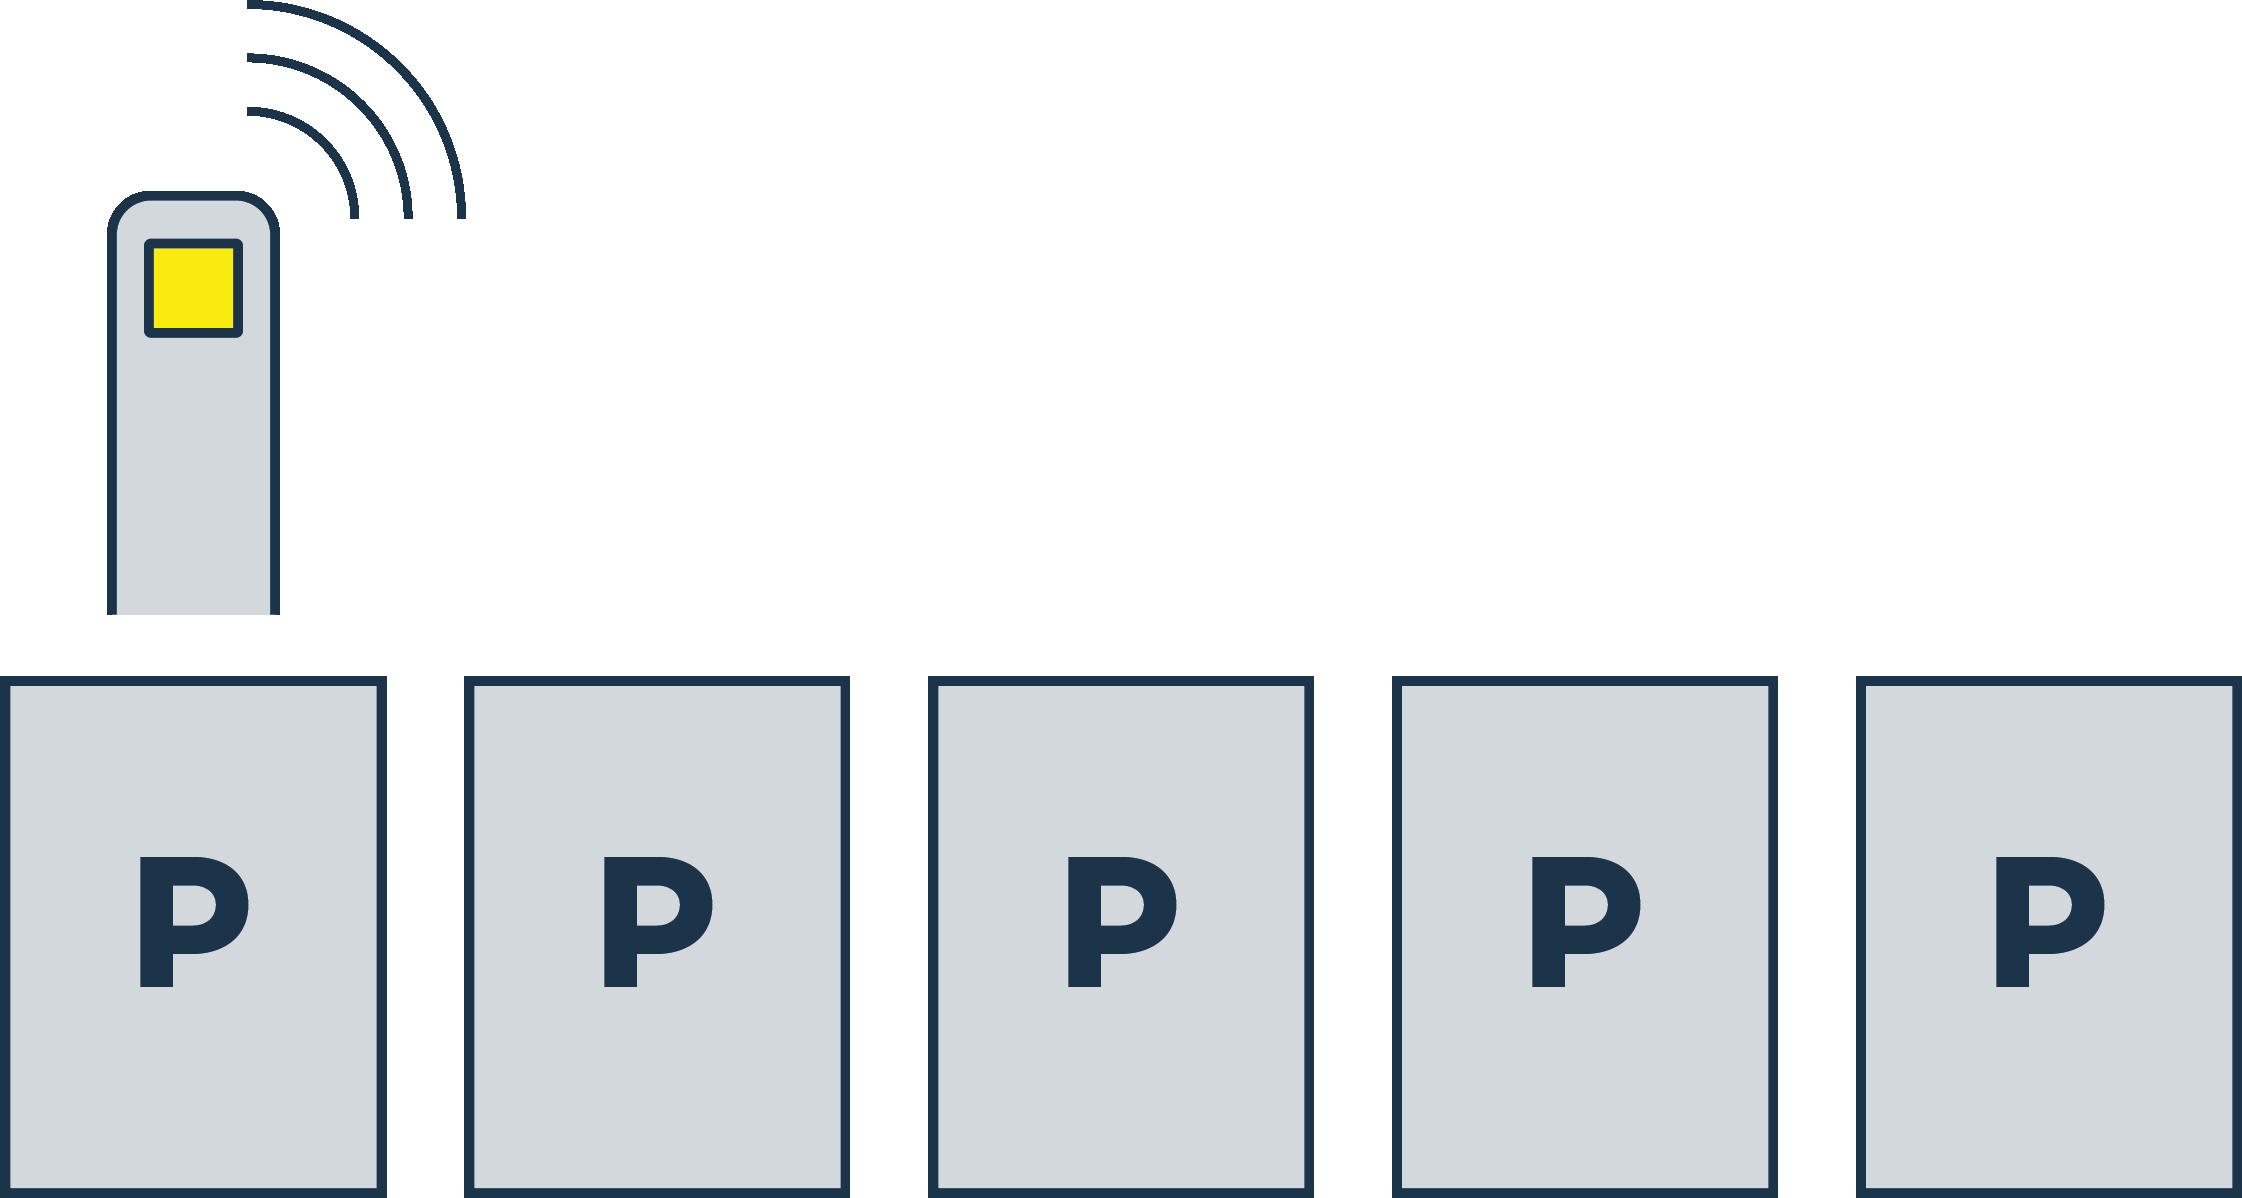 epbd_parking